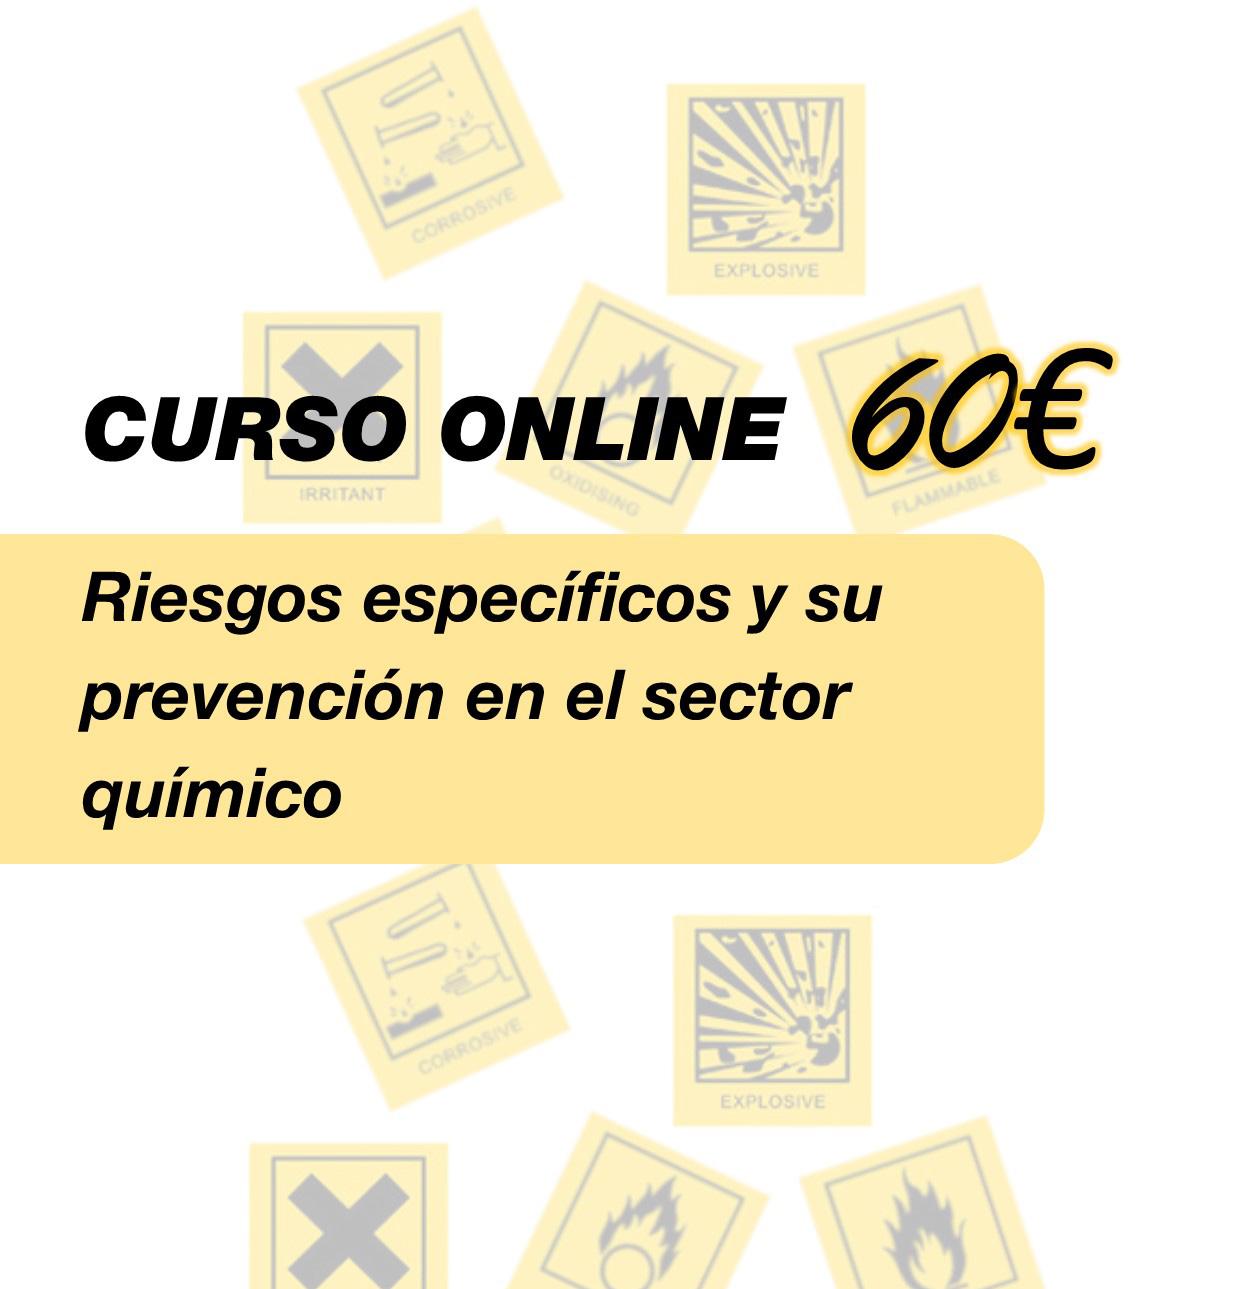 Unet-Formacion_Curso-Riesgos_especificos_y_su_prevencion_en_el_sector_quimico